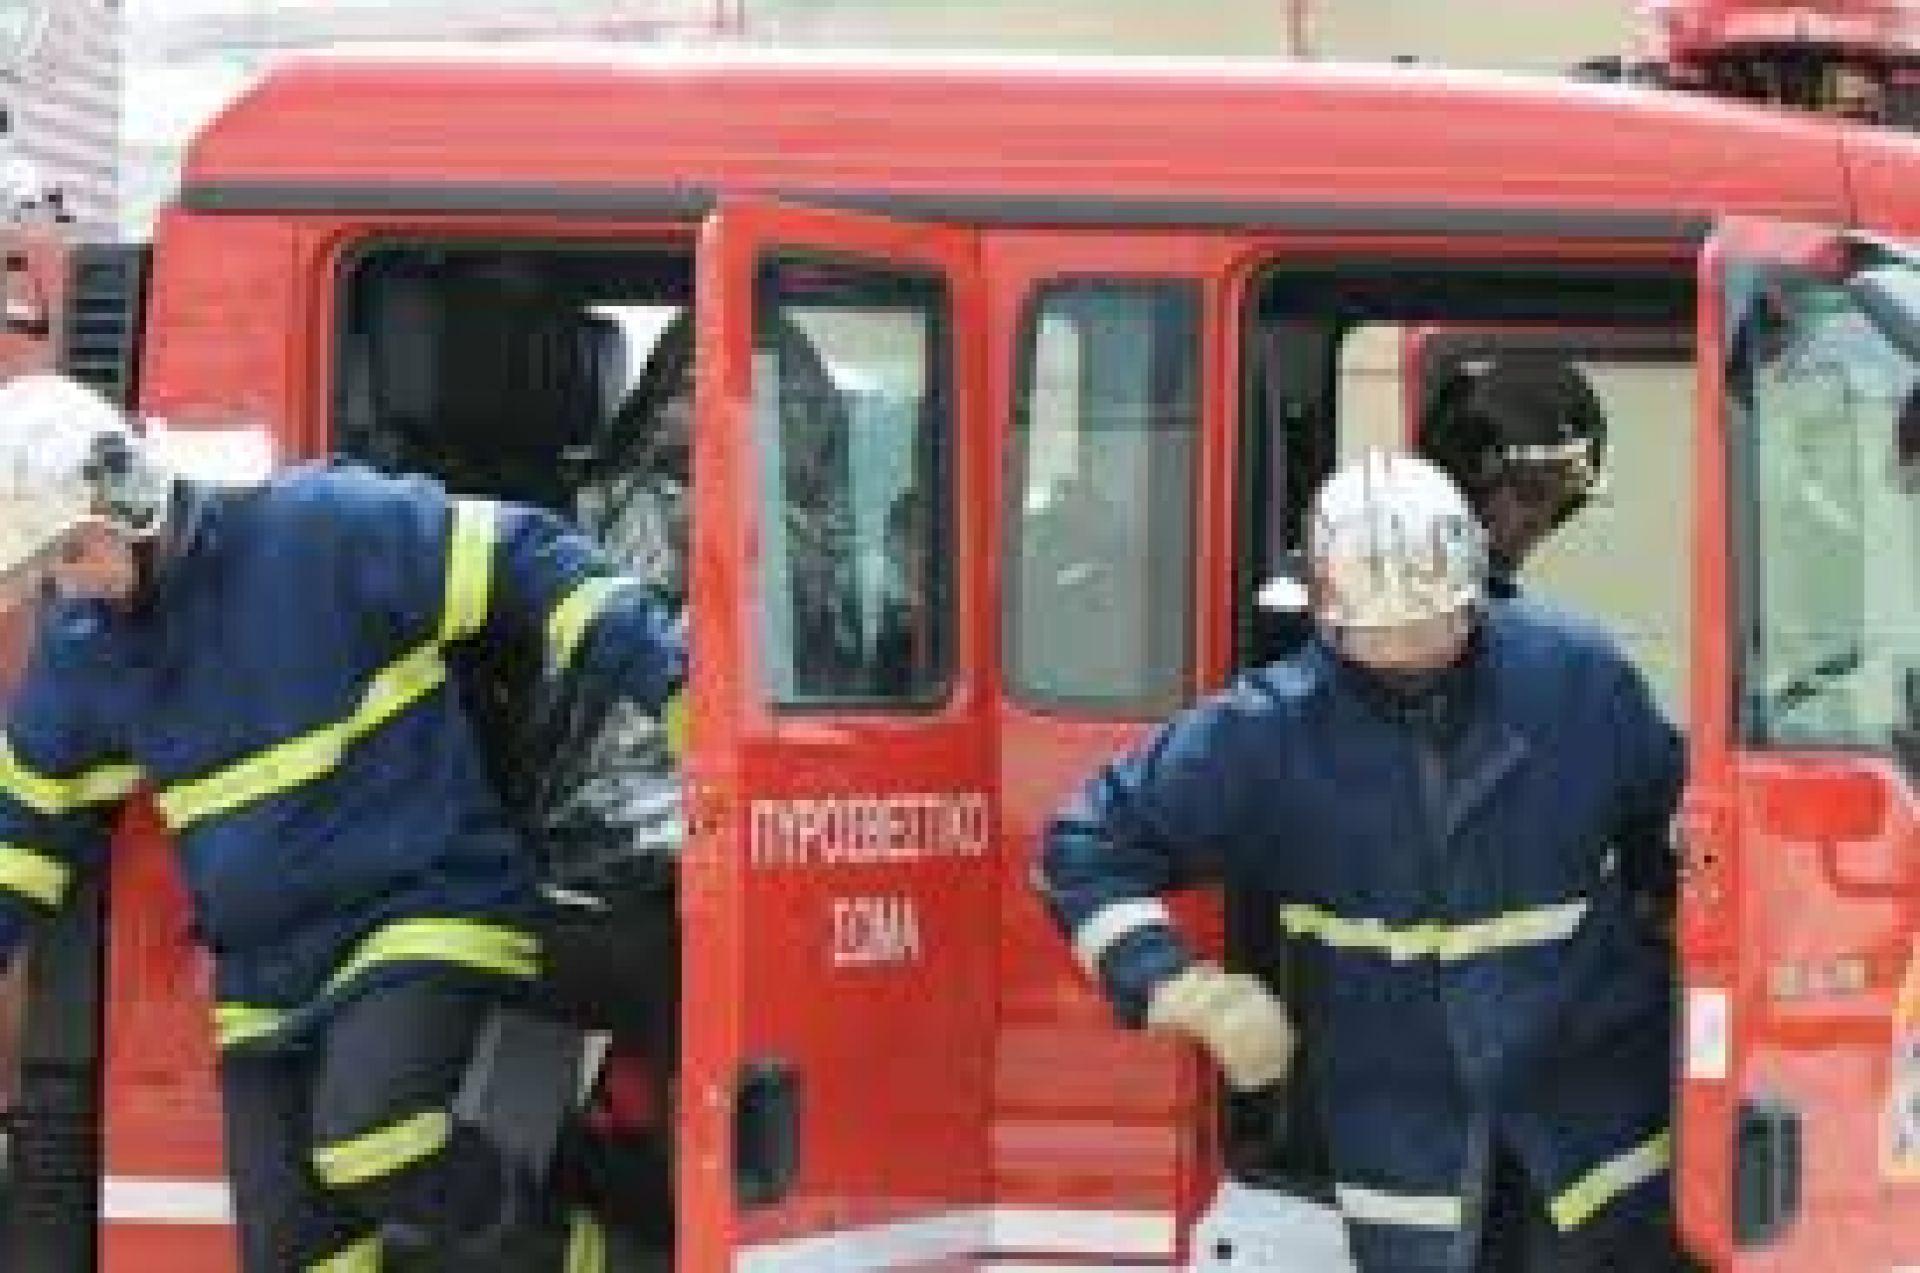 Συναγερμός στην Πυροσβεστική: 2 επιχειρήσεις διάσωσης σε Χανιά και Ηράκλειο